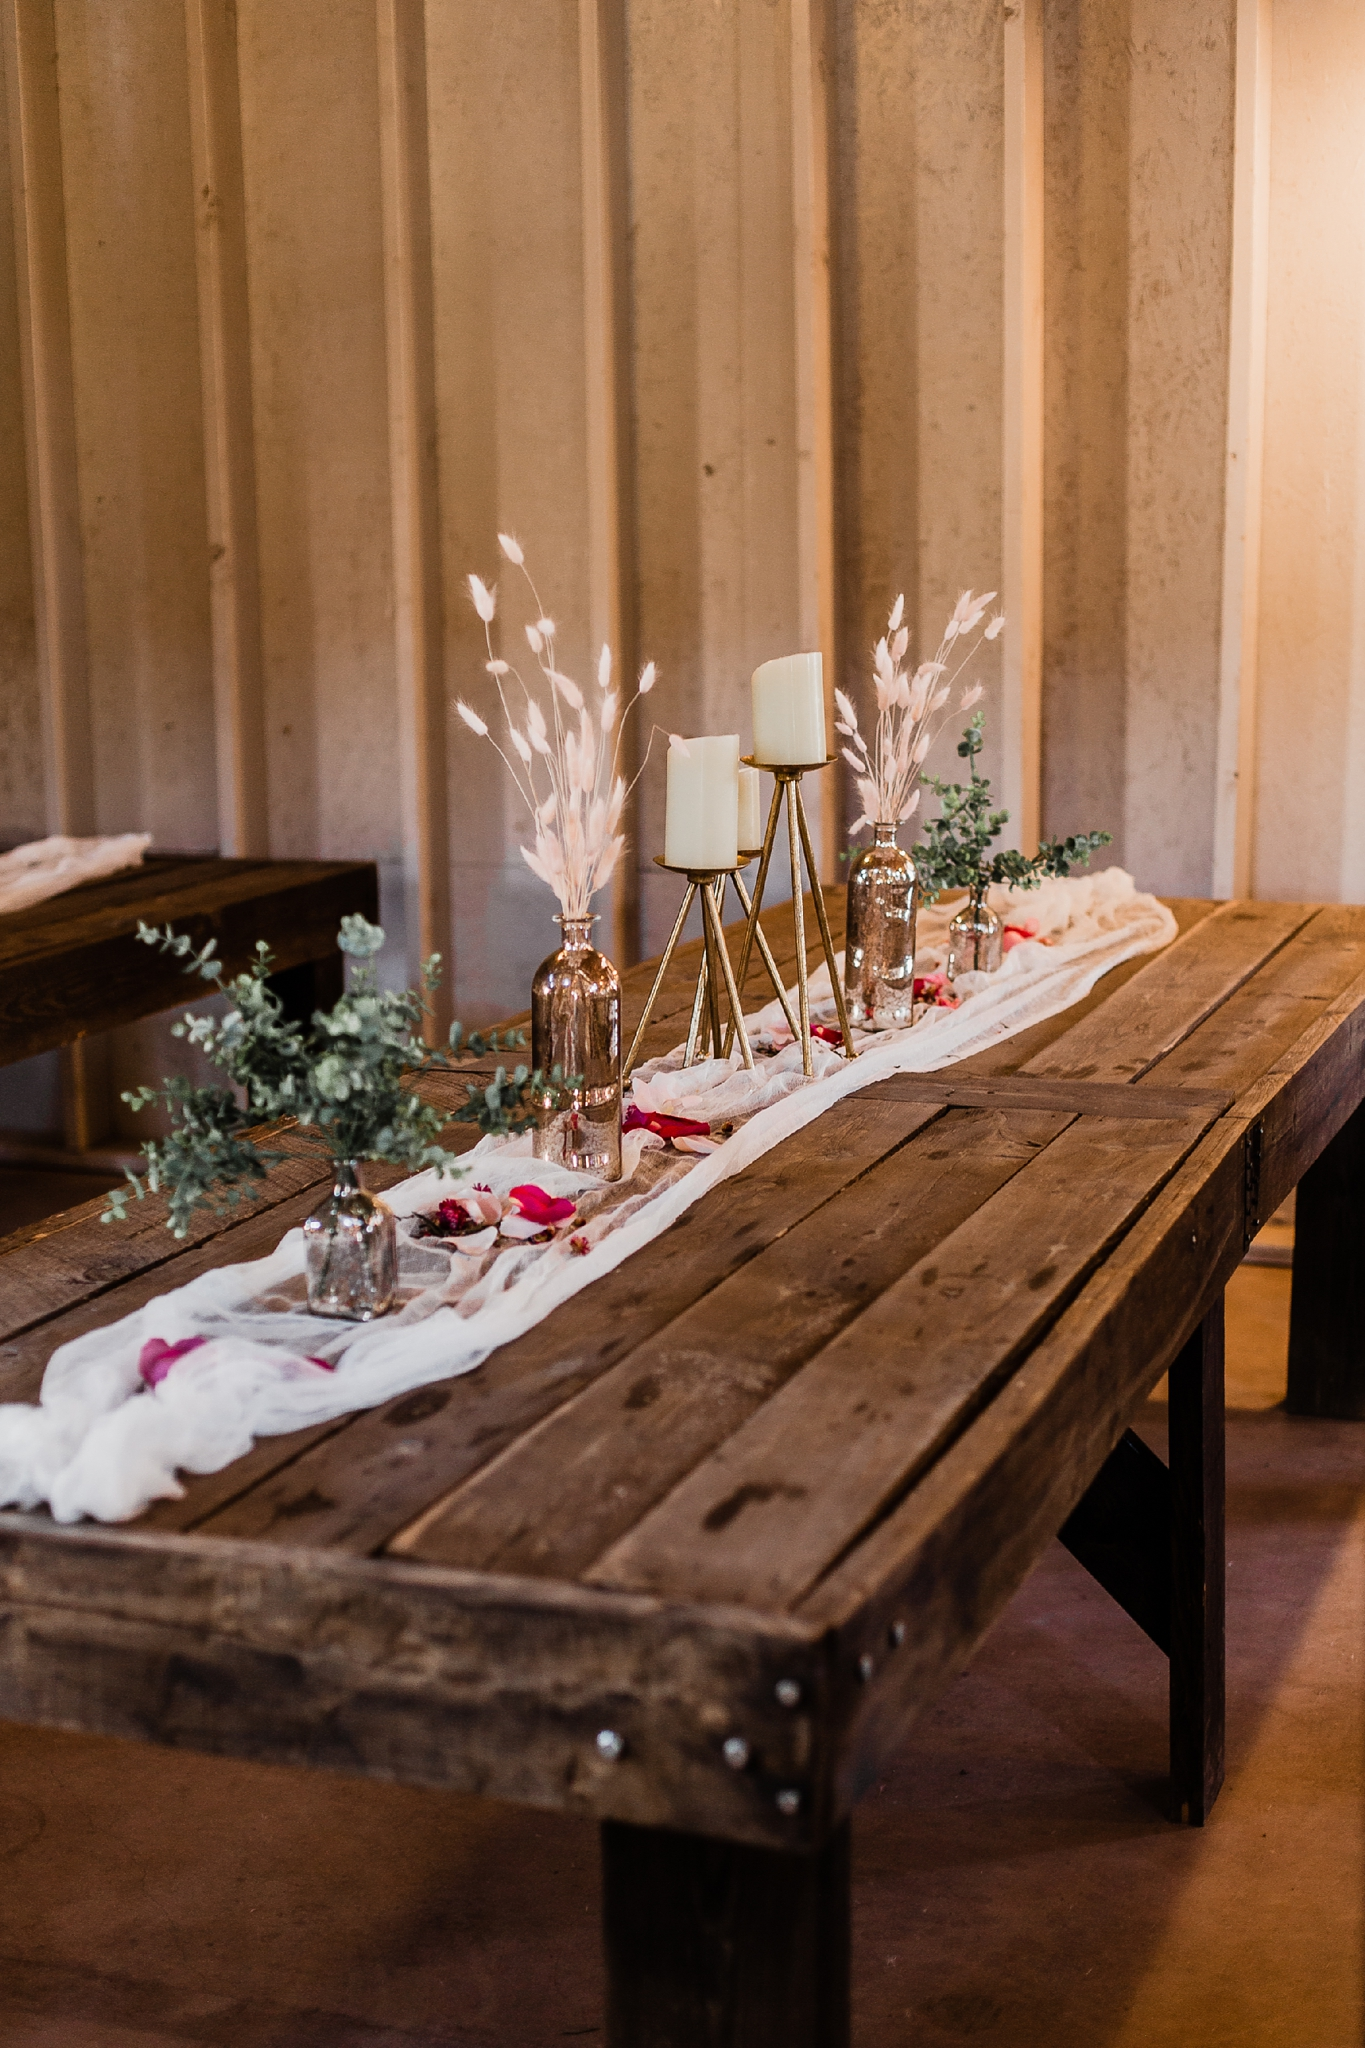 Alicia+lucia+photography+-+albuquerque+wedding+photographer+-+santa+fe+wedding+photography+-+new+mexico+wedding+photographer+-+new+mexico+wedding+-+new+mexico+wedding+-+barn+wedding+-+enchanted+vine+barn+wedding+-+ruidoso+wedding_0058.jpg